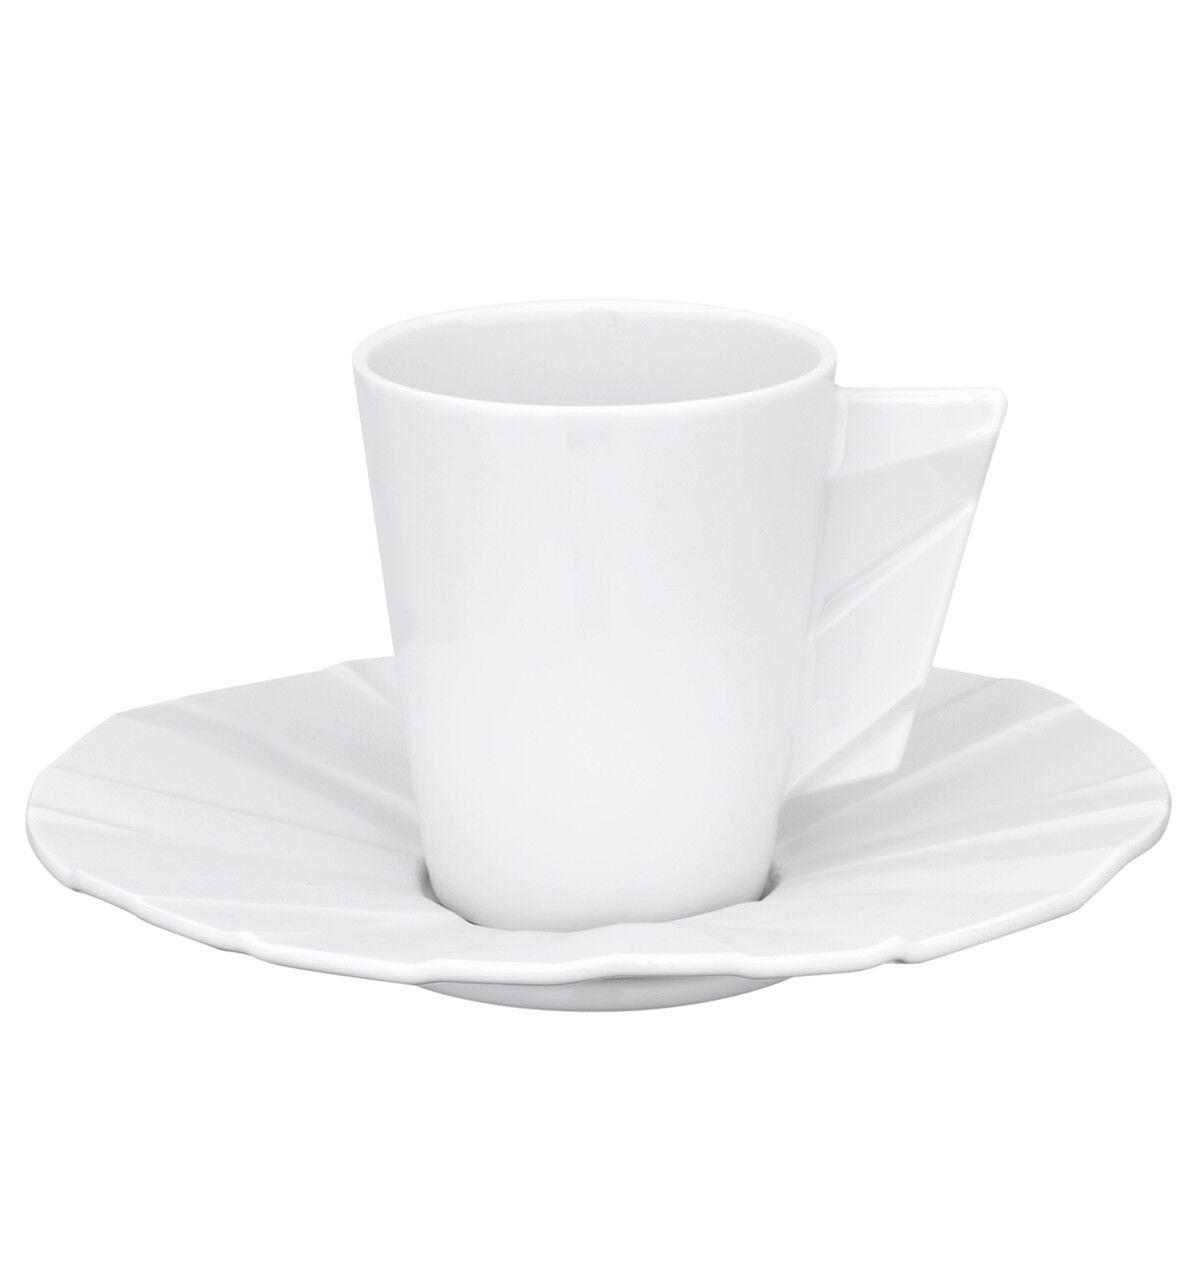 Vista Alegre Matrix Tasse à café & soucoupe-Lot de 8